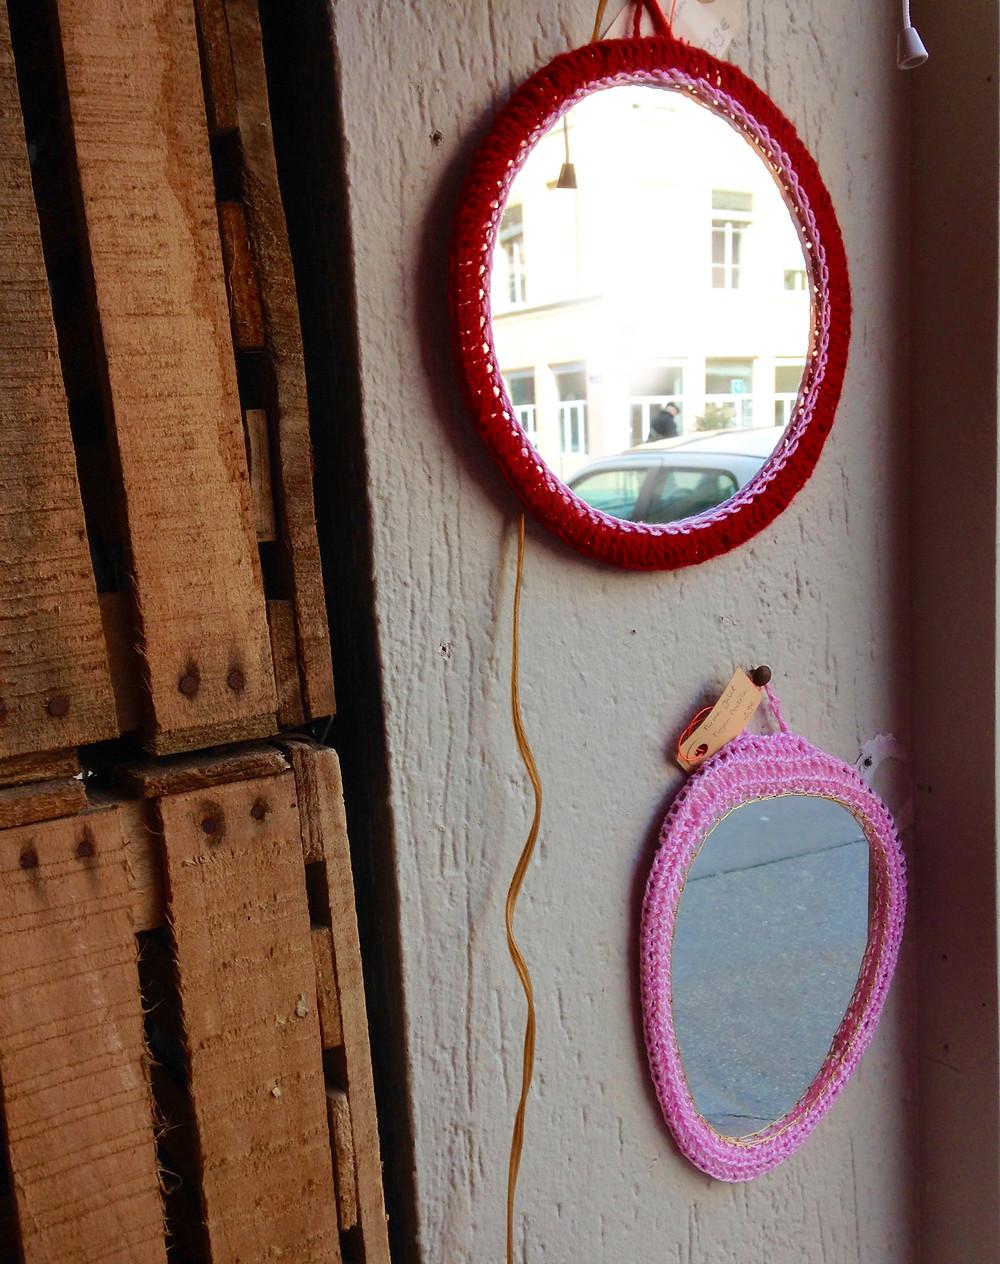 Miroirs crochetés chez Coloris. Photos © lalaklak, décoratrice et architecte d'intérieur Lyon 4 Croix-Rousse